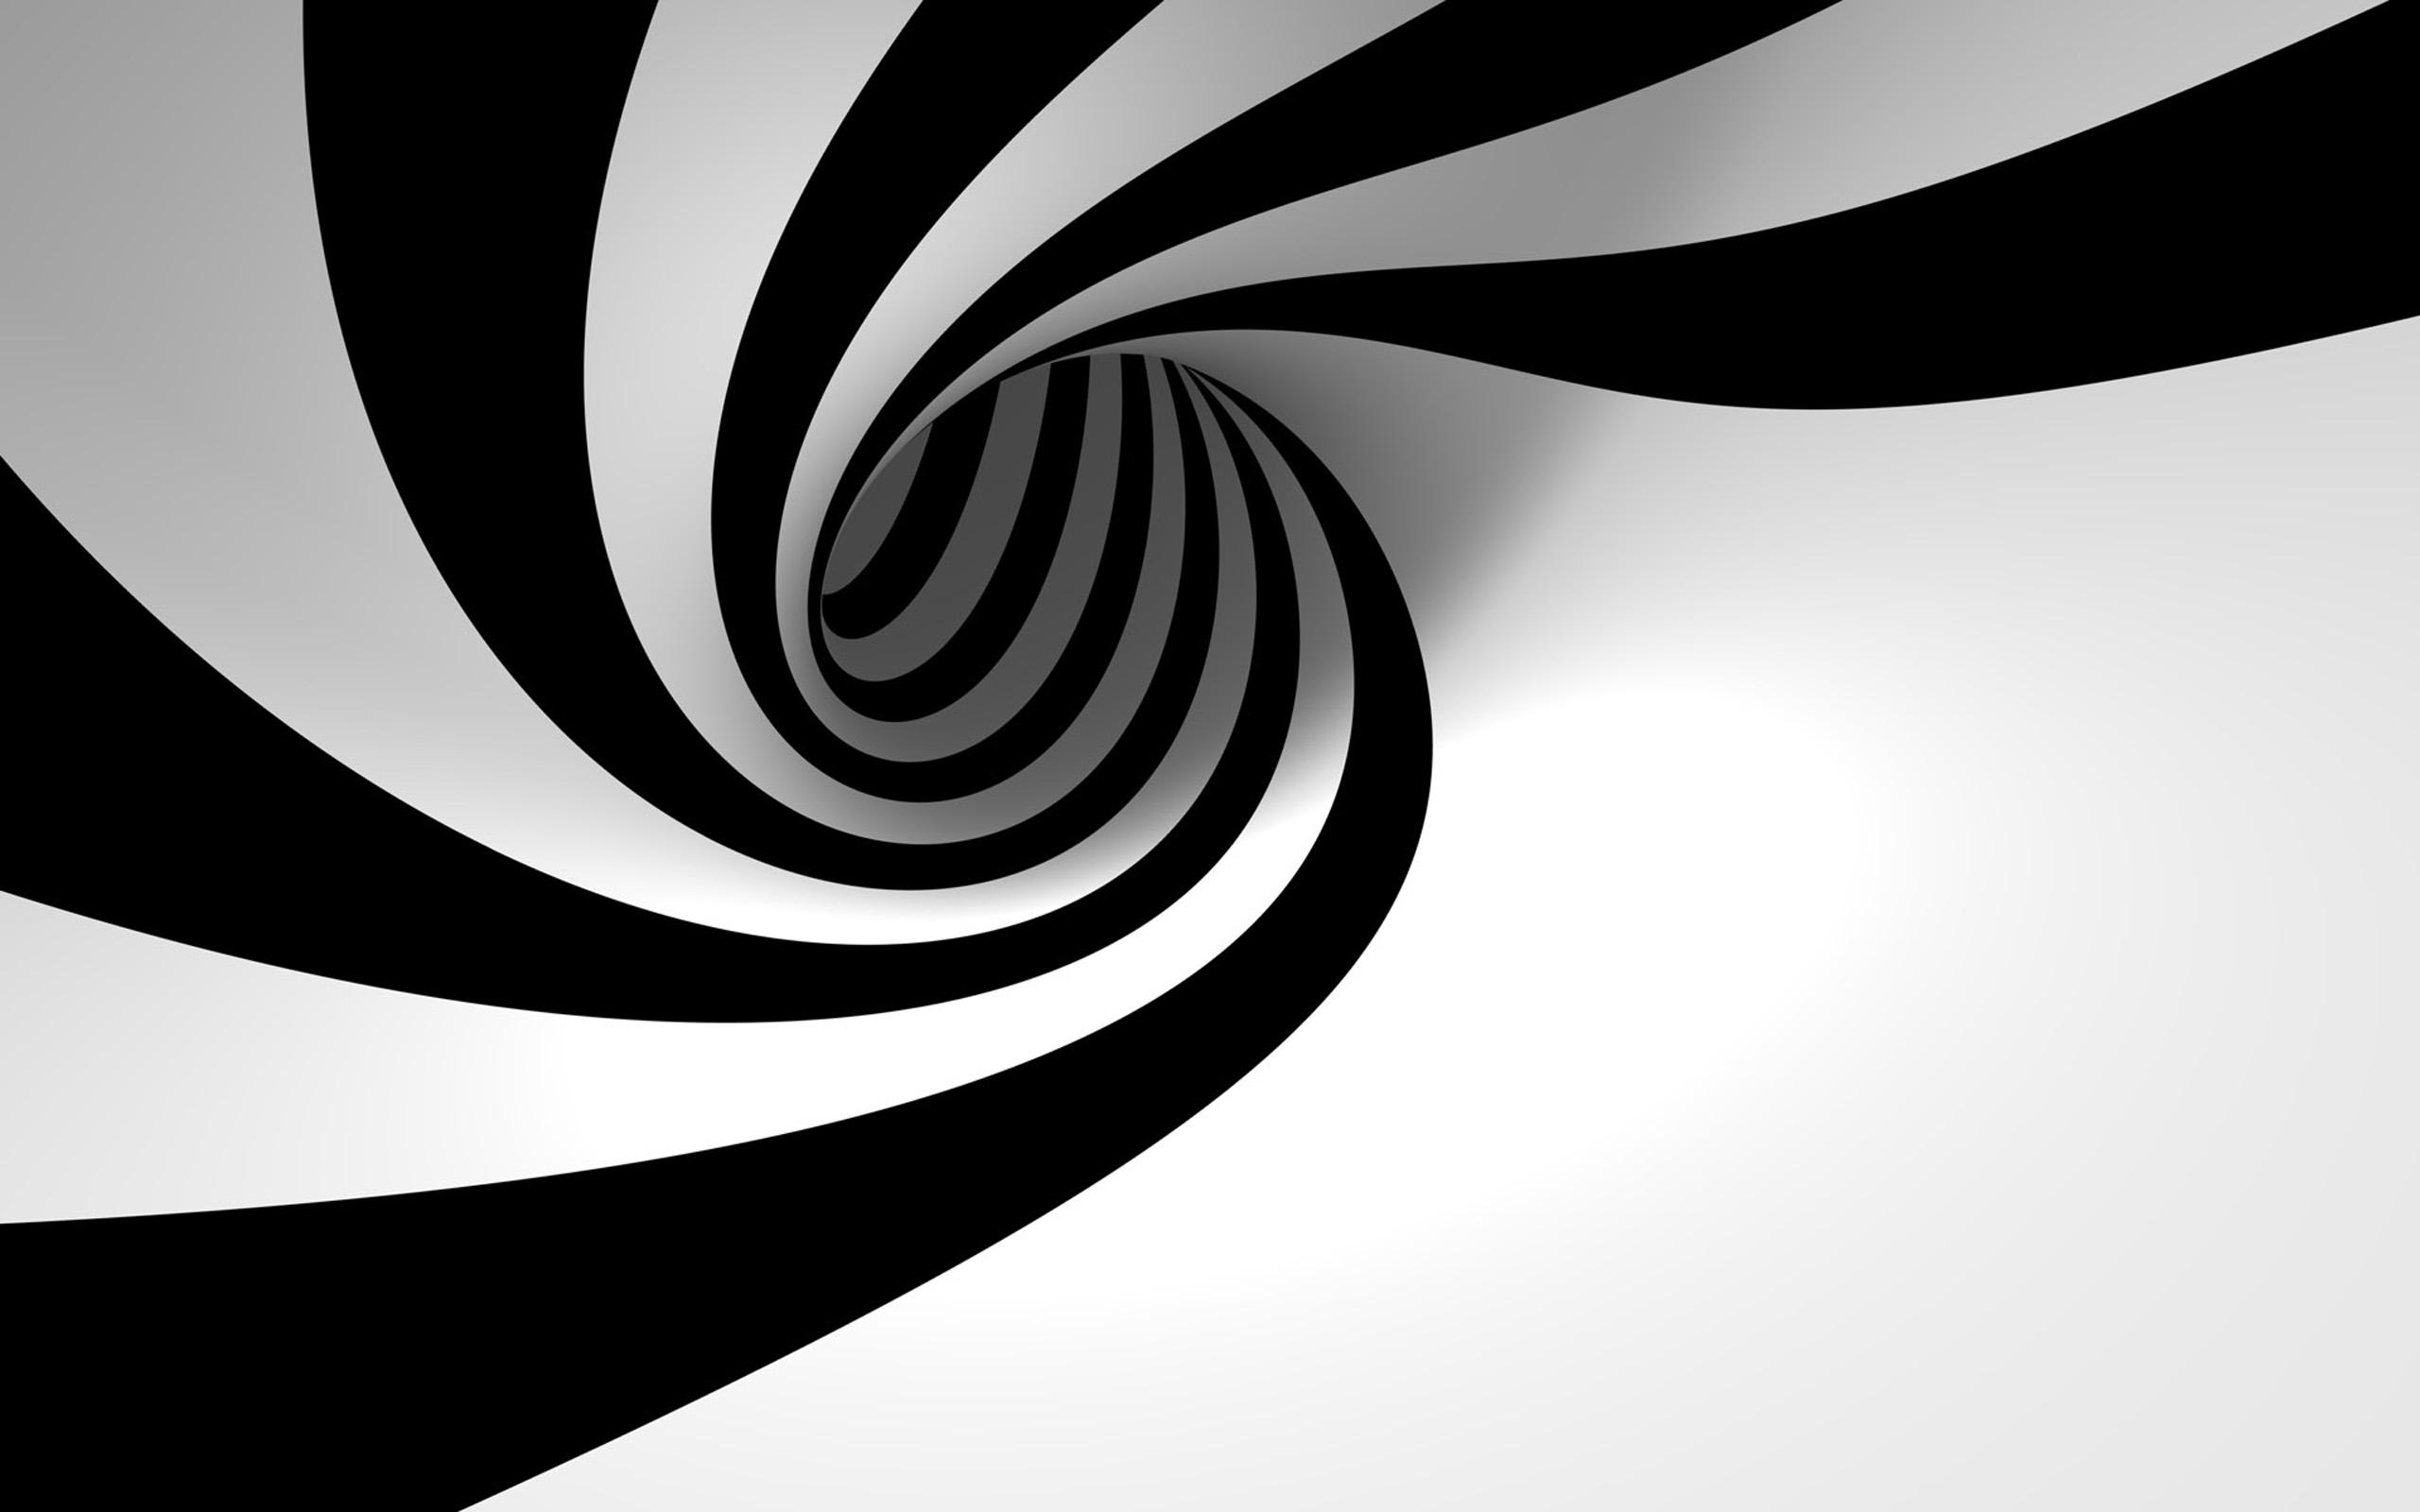 Hình nền đen trắng vòng xoắn nhị sắc